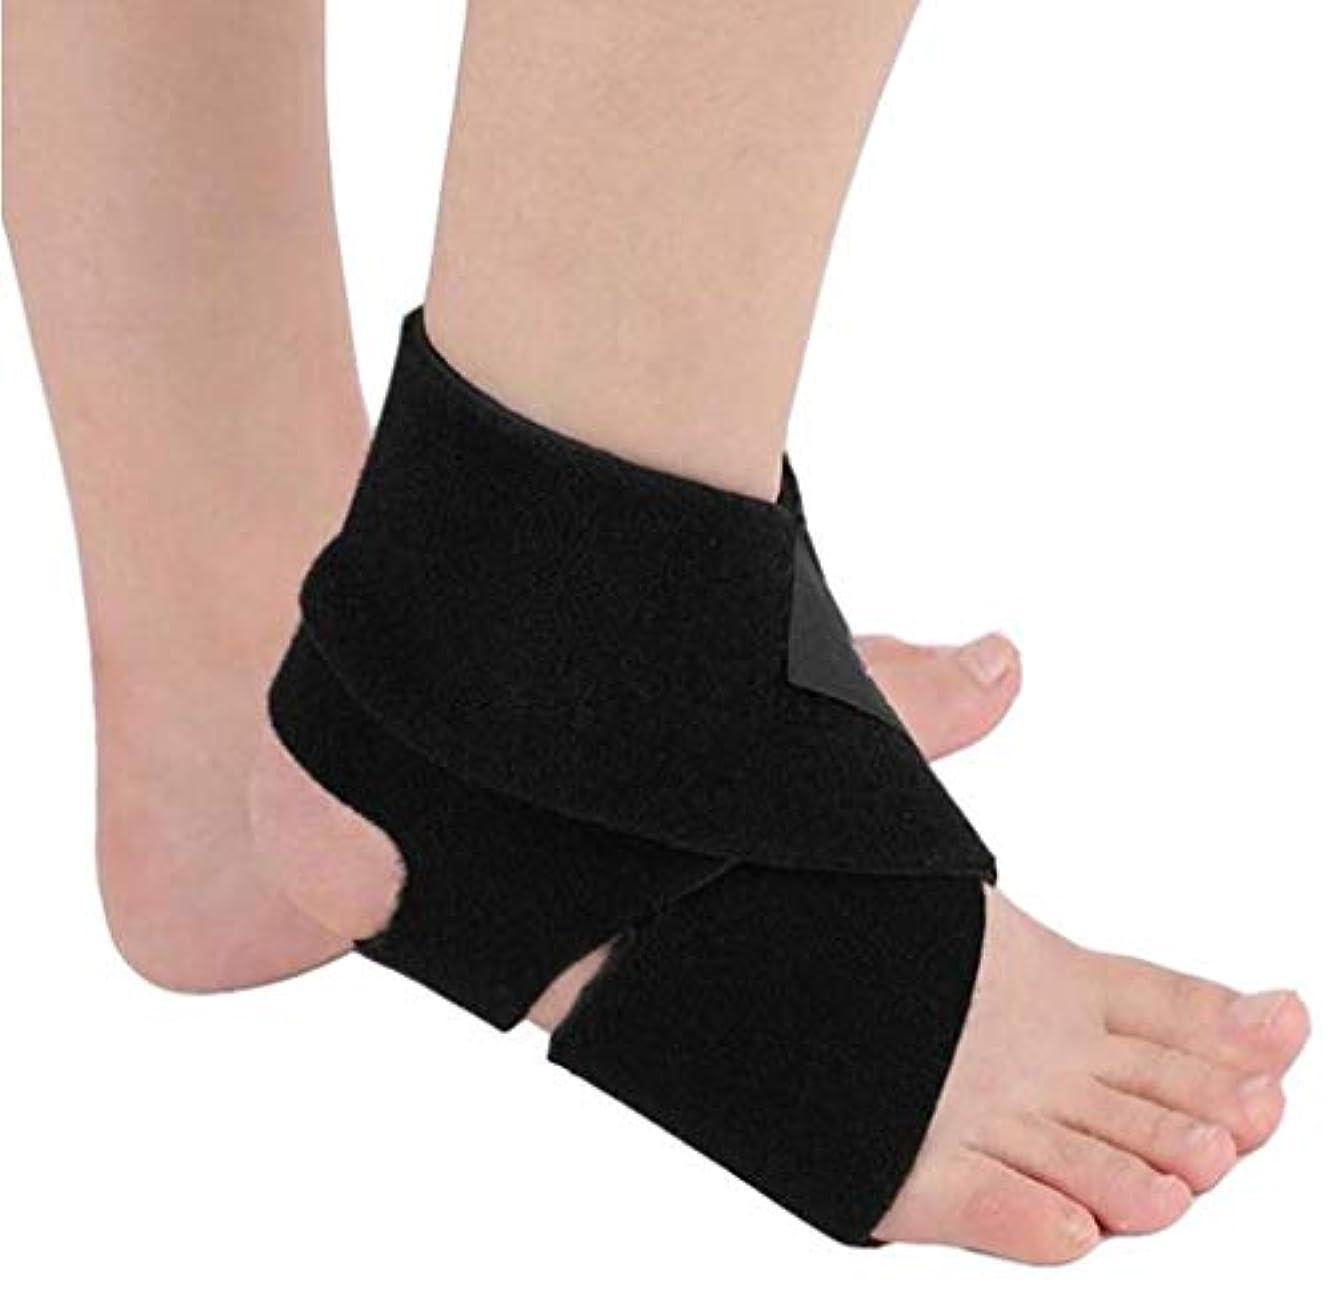 標準的な足首の足の装具の全長トリミング可能なフットプレート、ドロップフットに最適